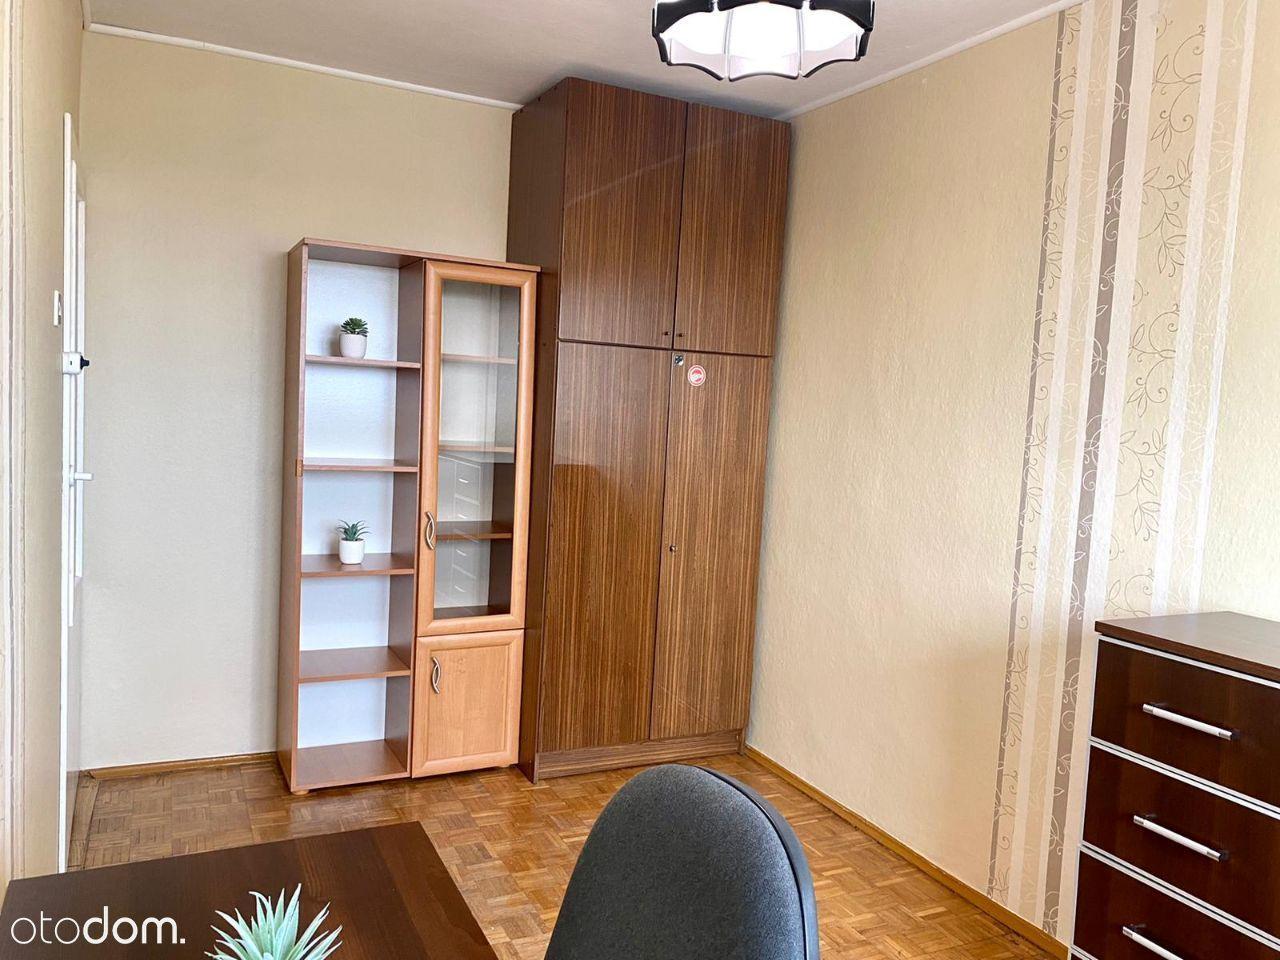 mieszkanie 3 pokojowe na ul. Pretficza, Wroclaw